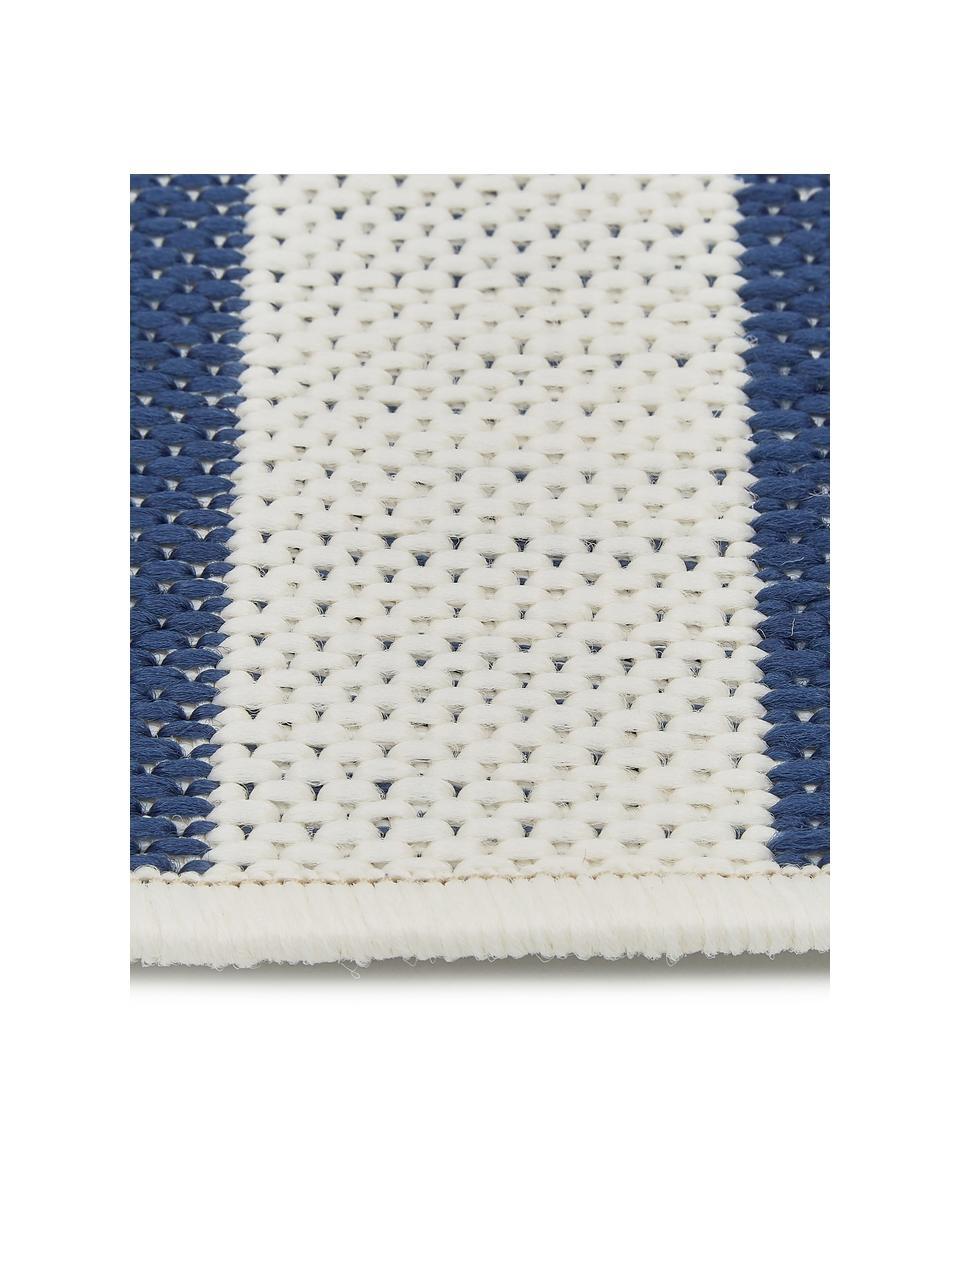 Gestreifter In- & Outdoor-Teppich Axa in Blau/Weiß, 86% Polypropylen, 14% Polyester, Cremeweiß, Blau, B 200 x L 290 cm (Größe L)